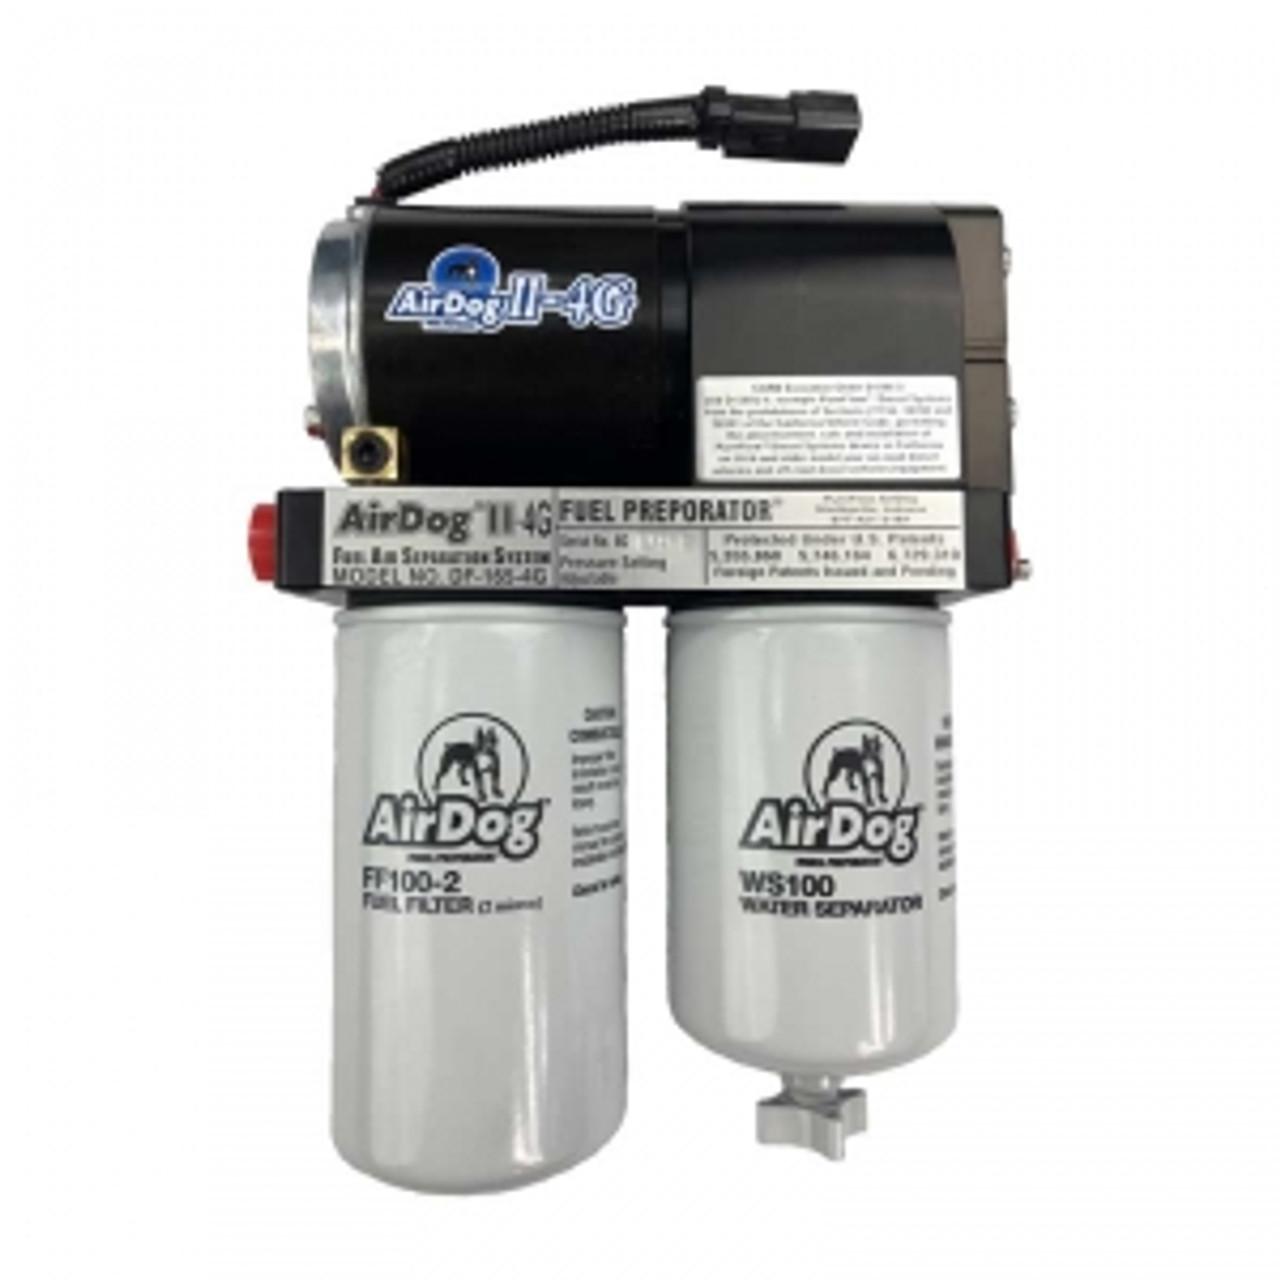 AirDog II-4G A6SABF493 DF-165-4G Air/Fuel Separation System